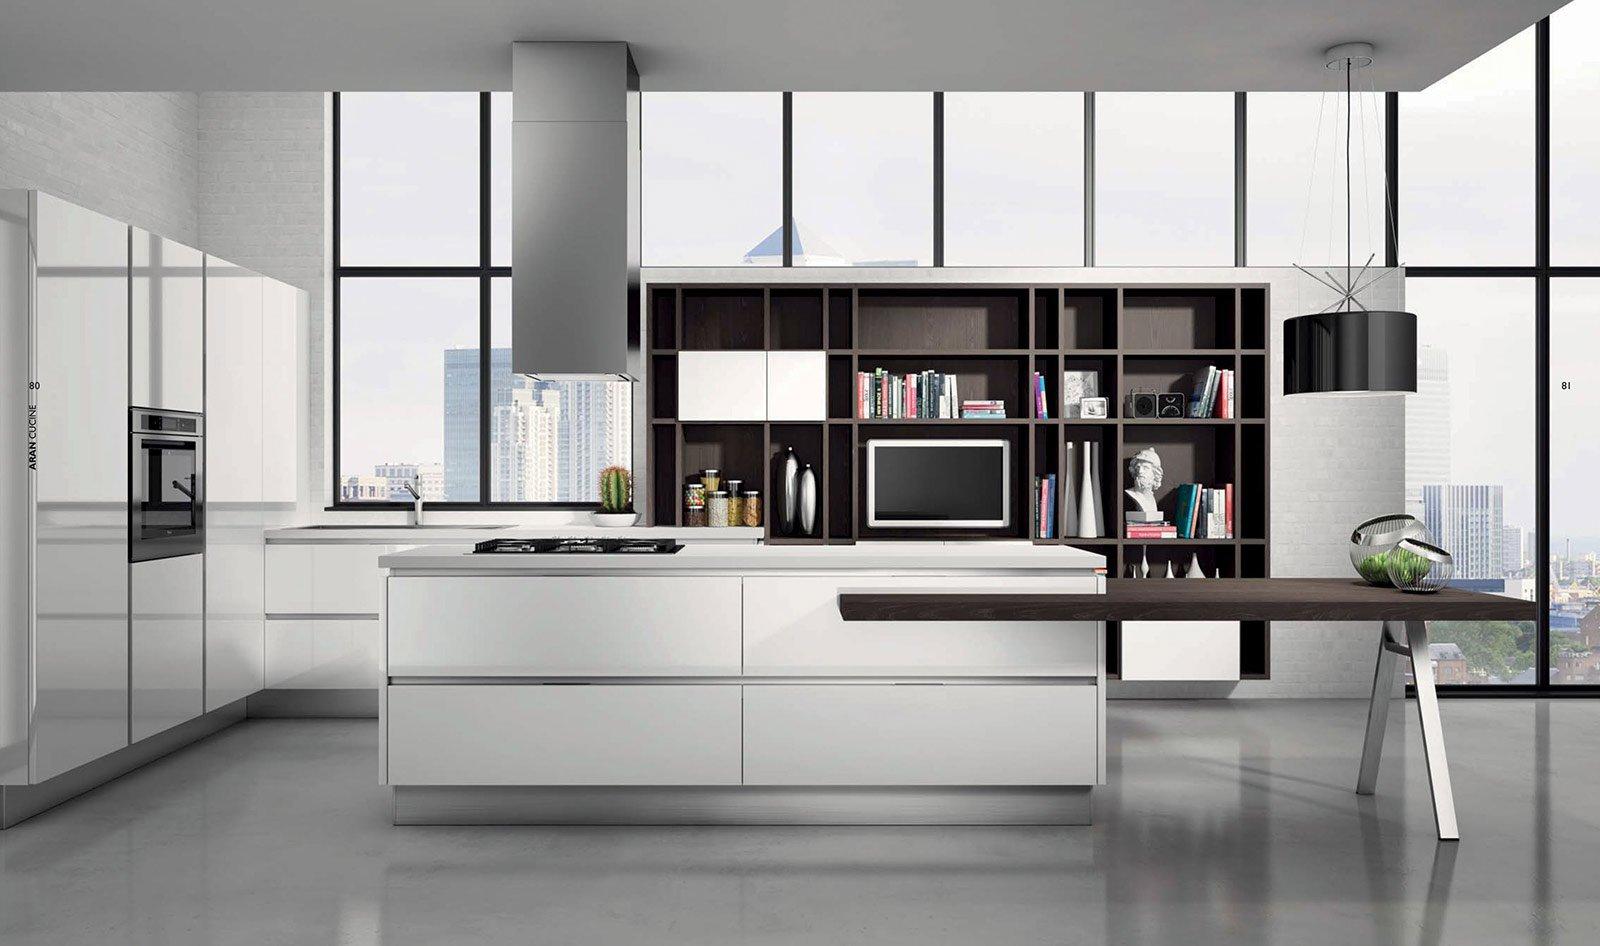 La cucina con l\'isola: monocromatica o bicolore - Cose di Casa